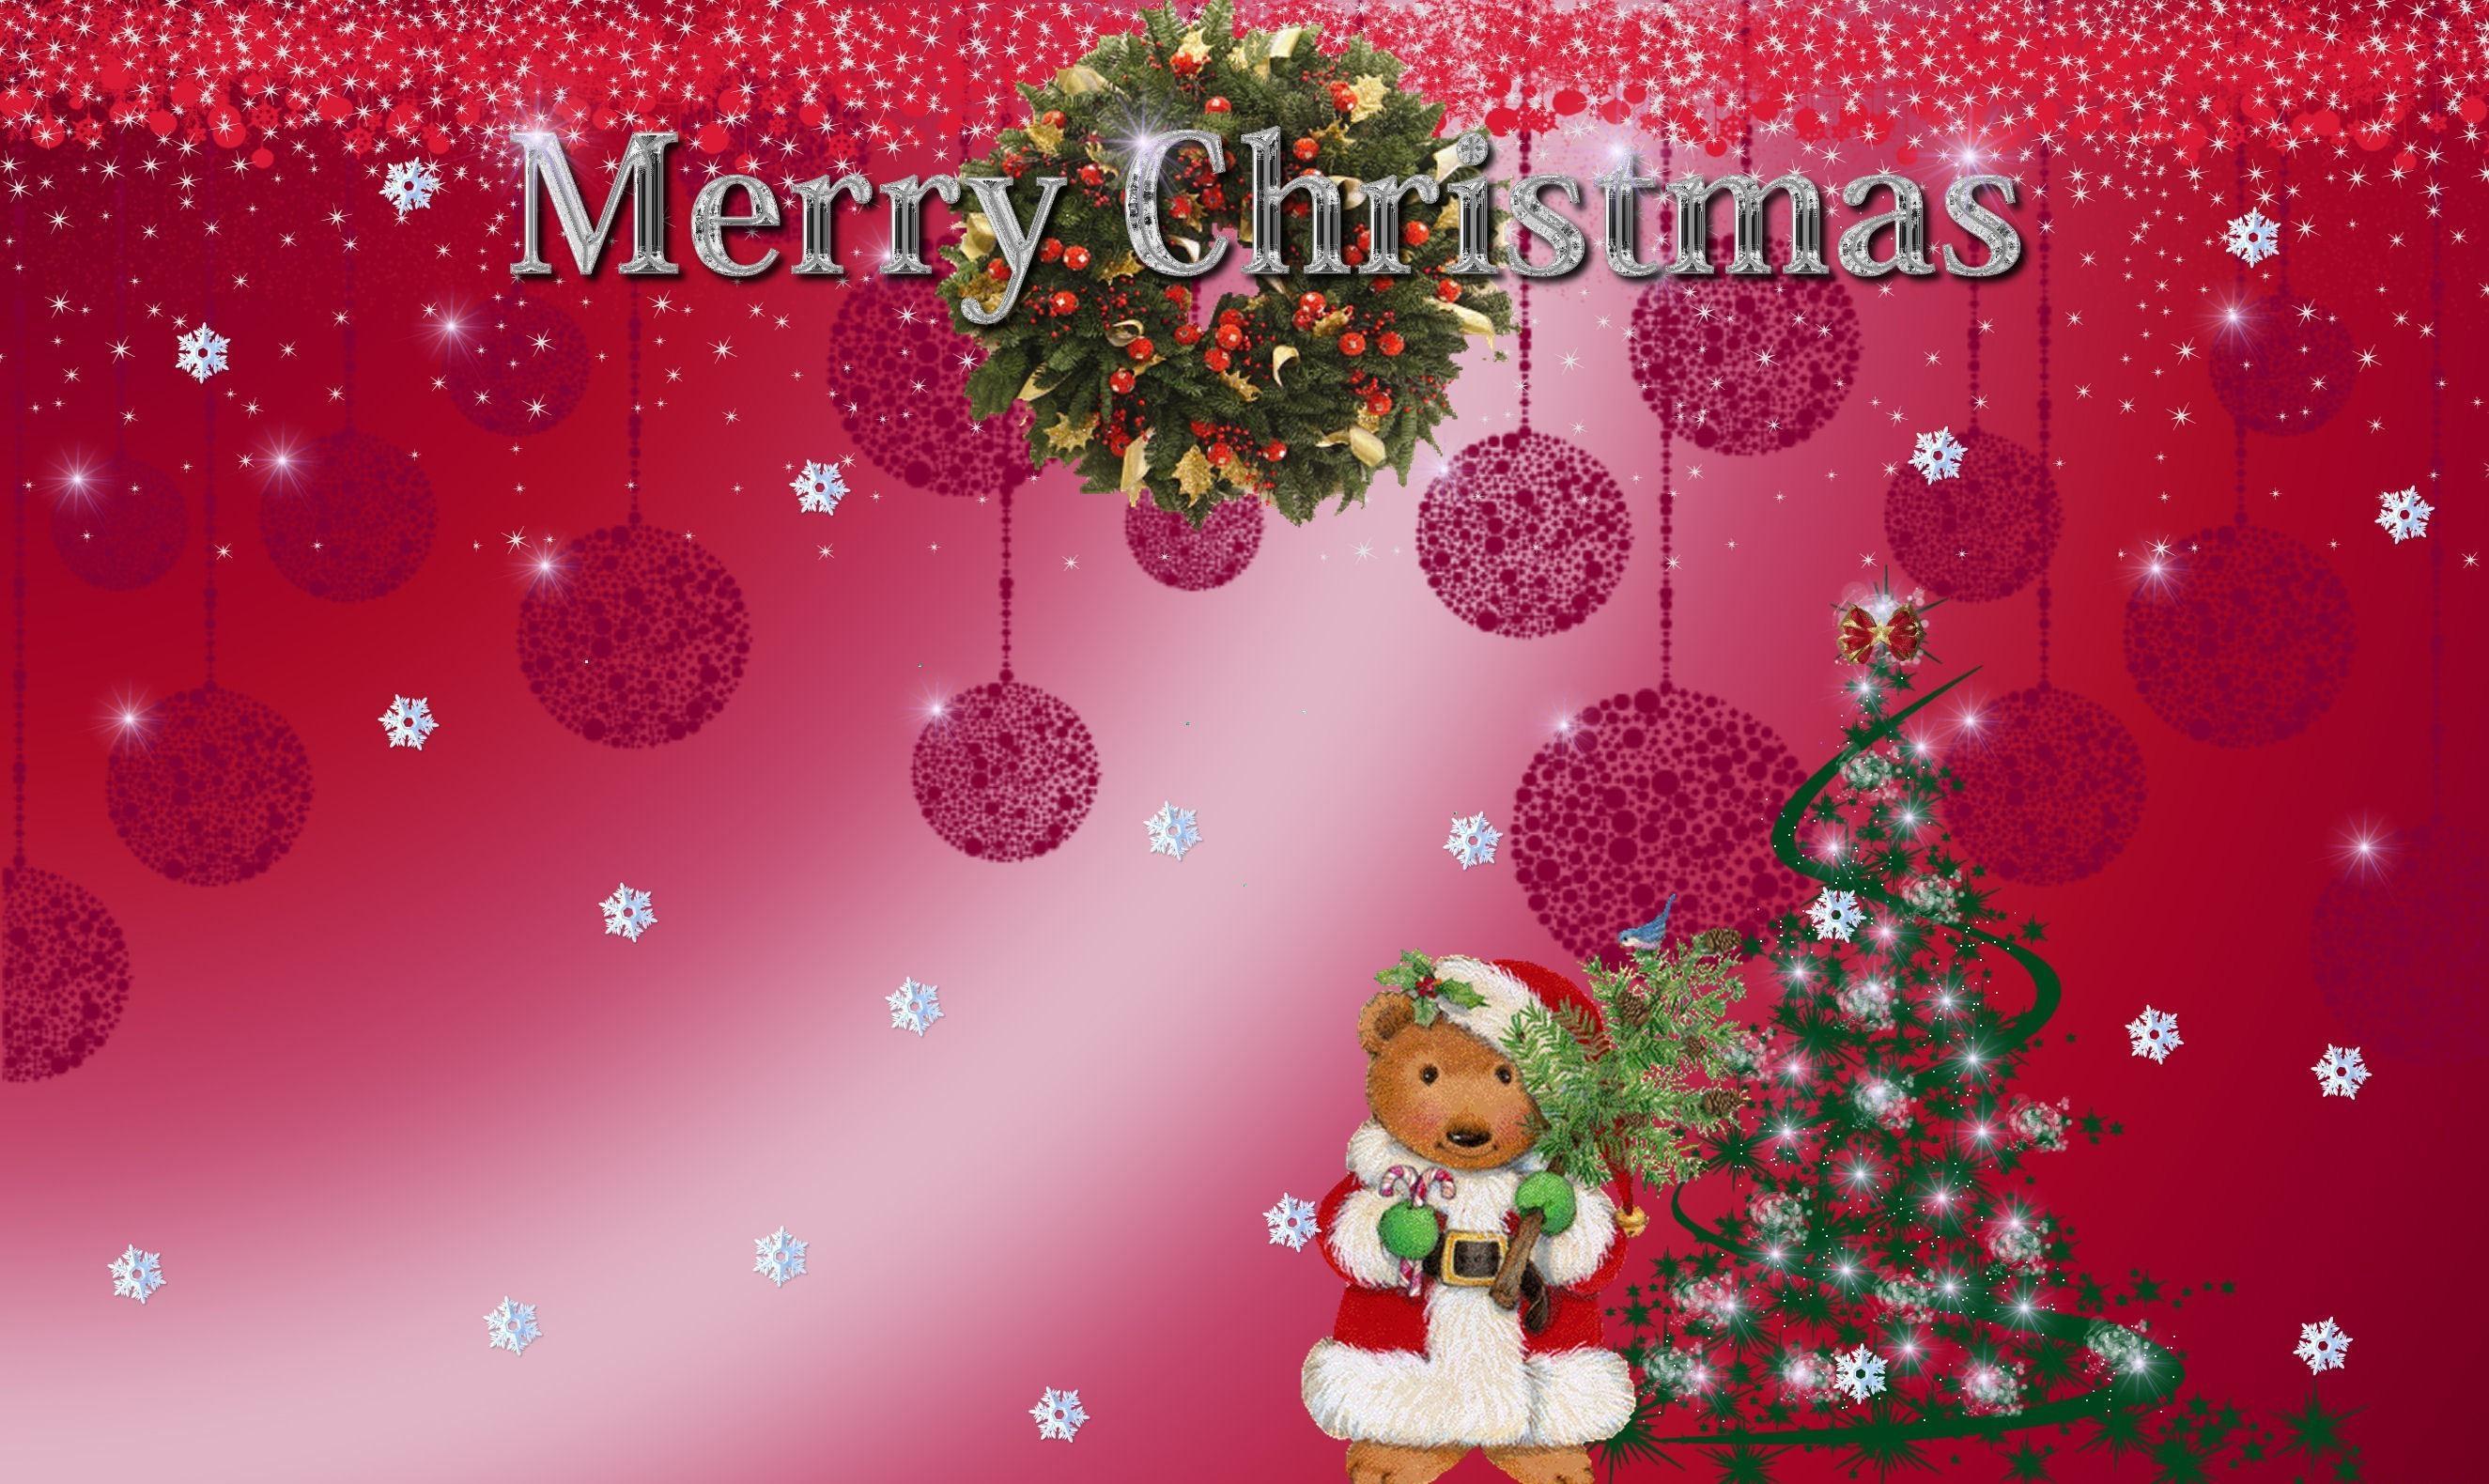 137293 скачать обои Праздники, Снежинки, Рождество, Праздник, Надпись, Елка, Мишка, Венок - заставки и картинки бесплатно